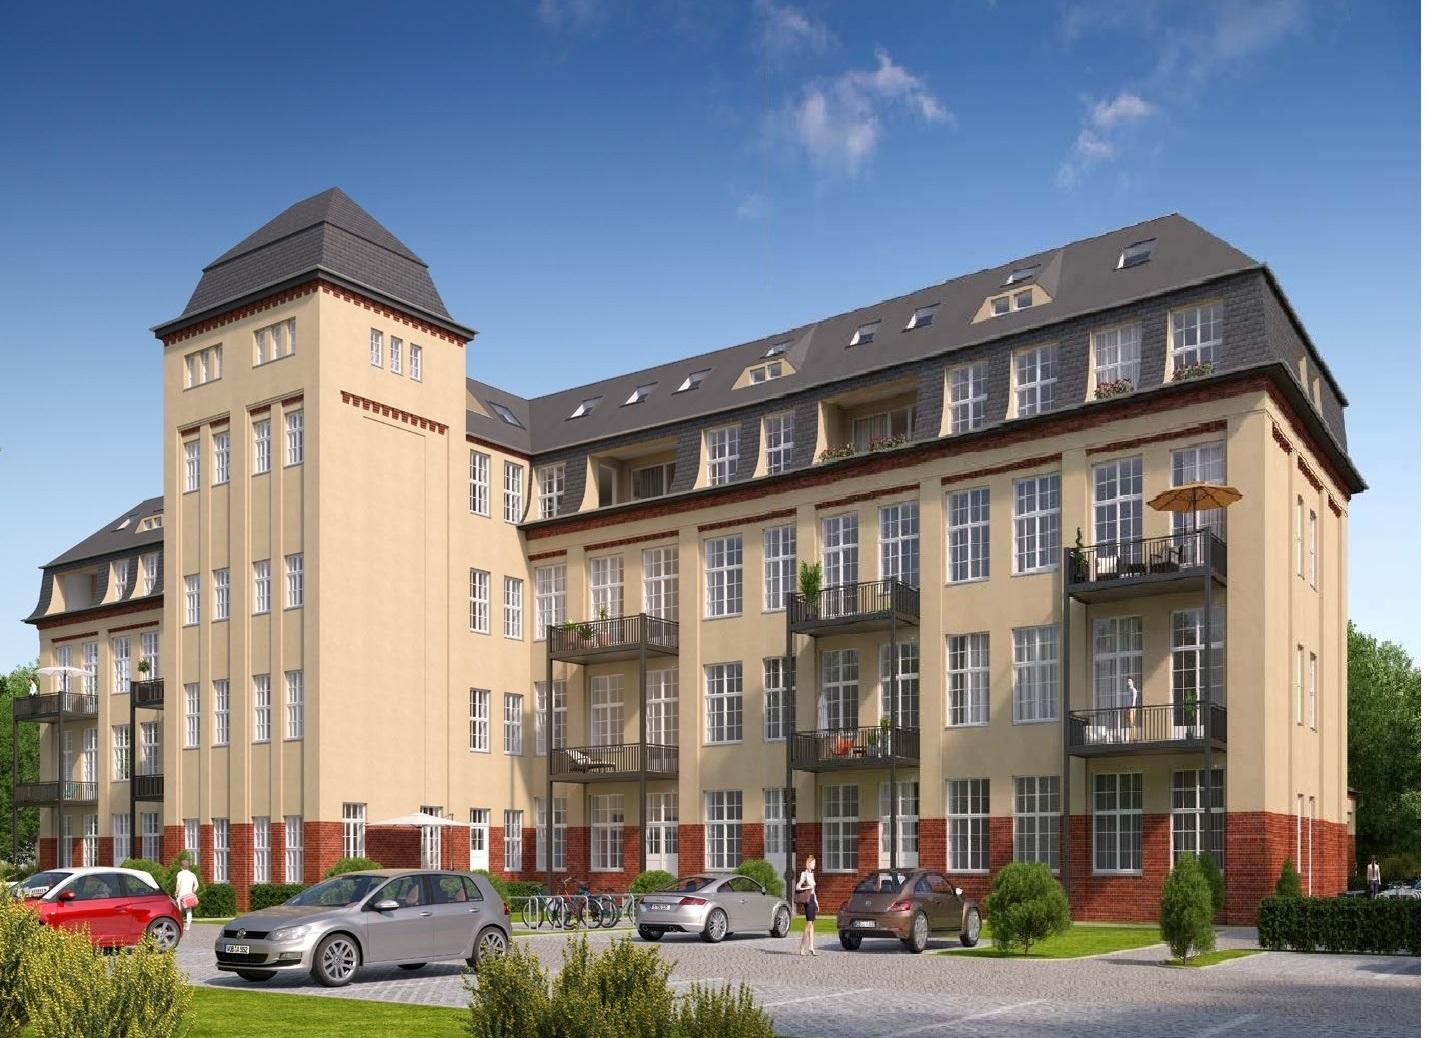 Denkmalimmobilien Chemnitz Loft